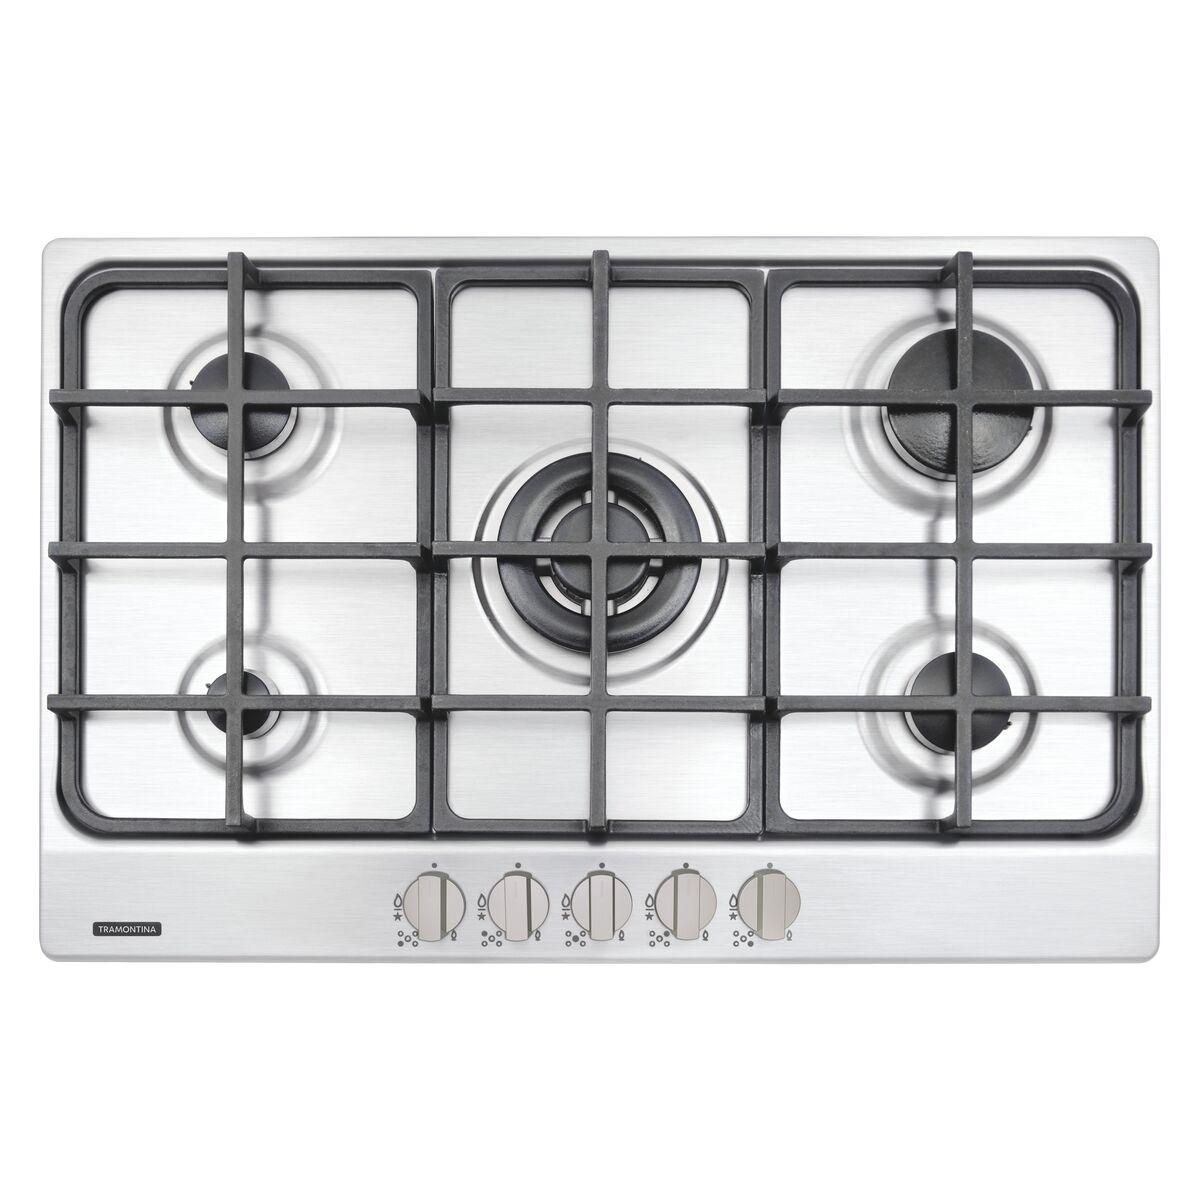 Placa de cocción NEW PENTA 5GX  en acero inoxidable con 5 quemadores Tramontina